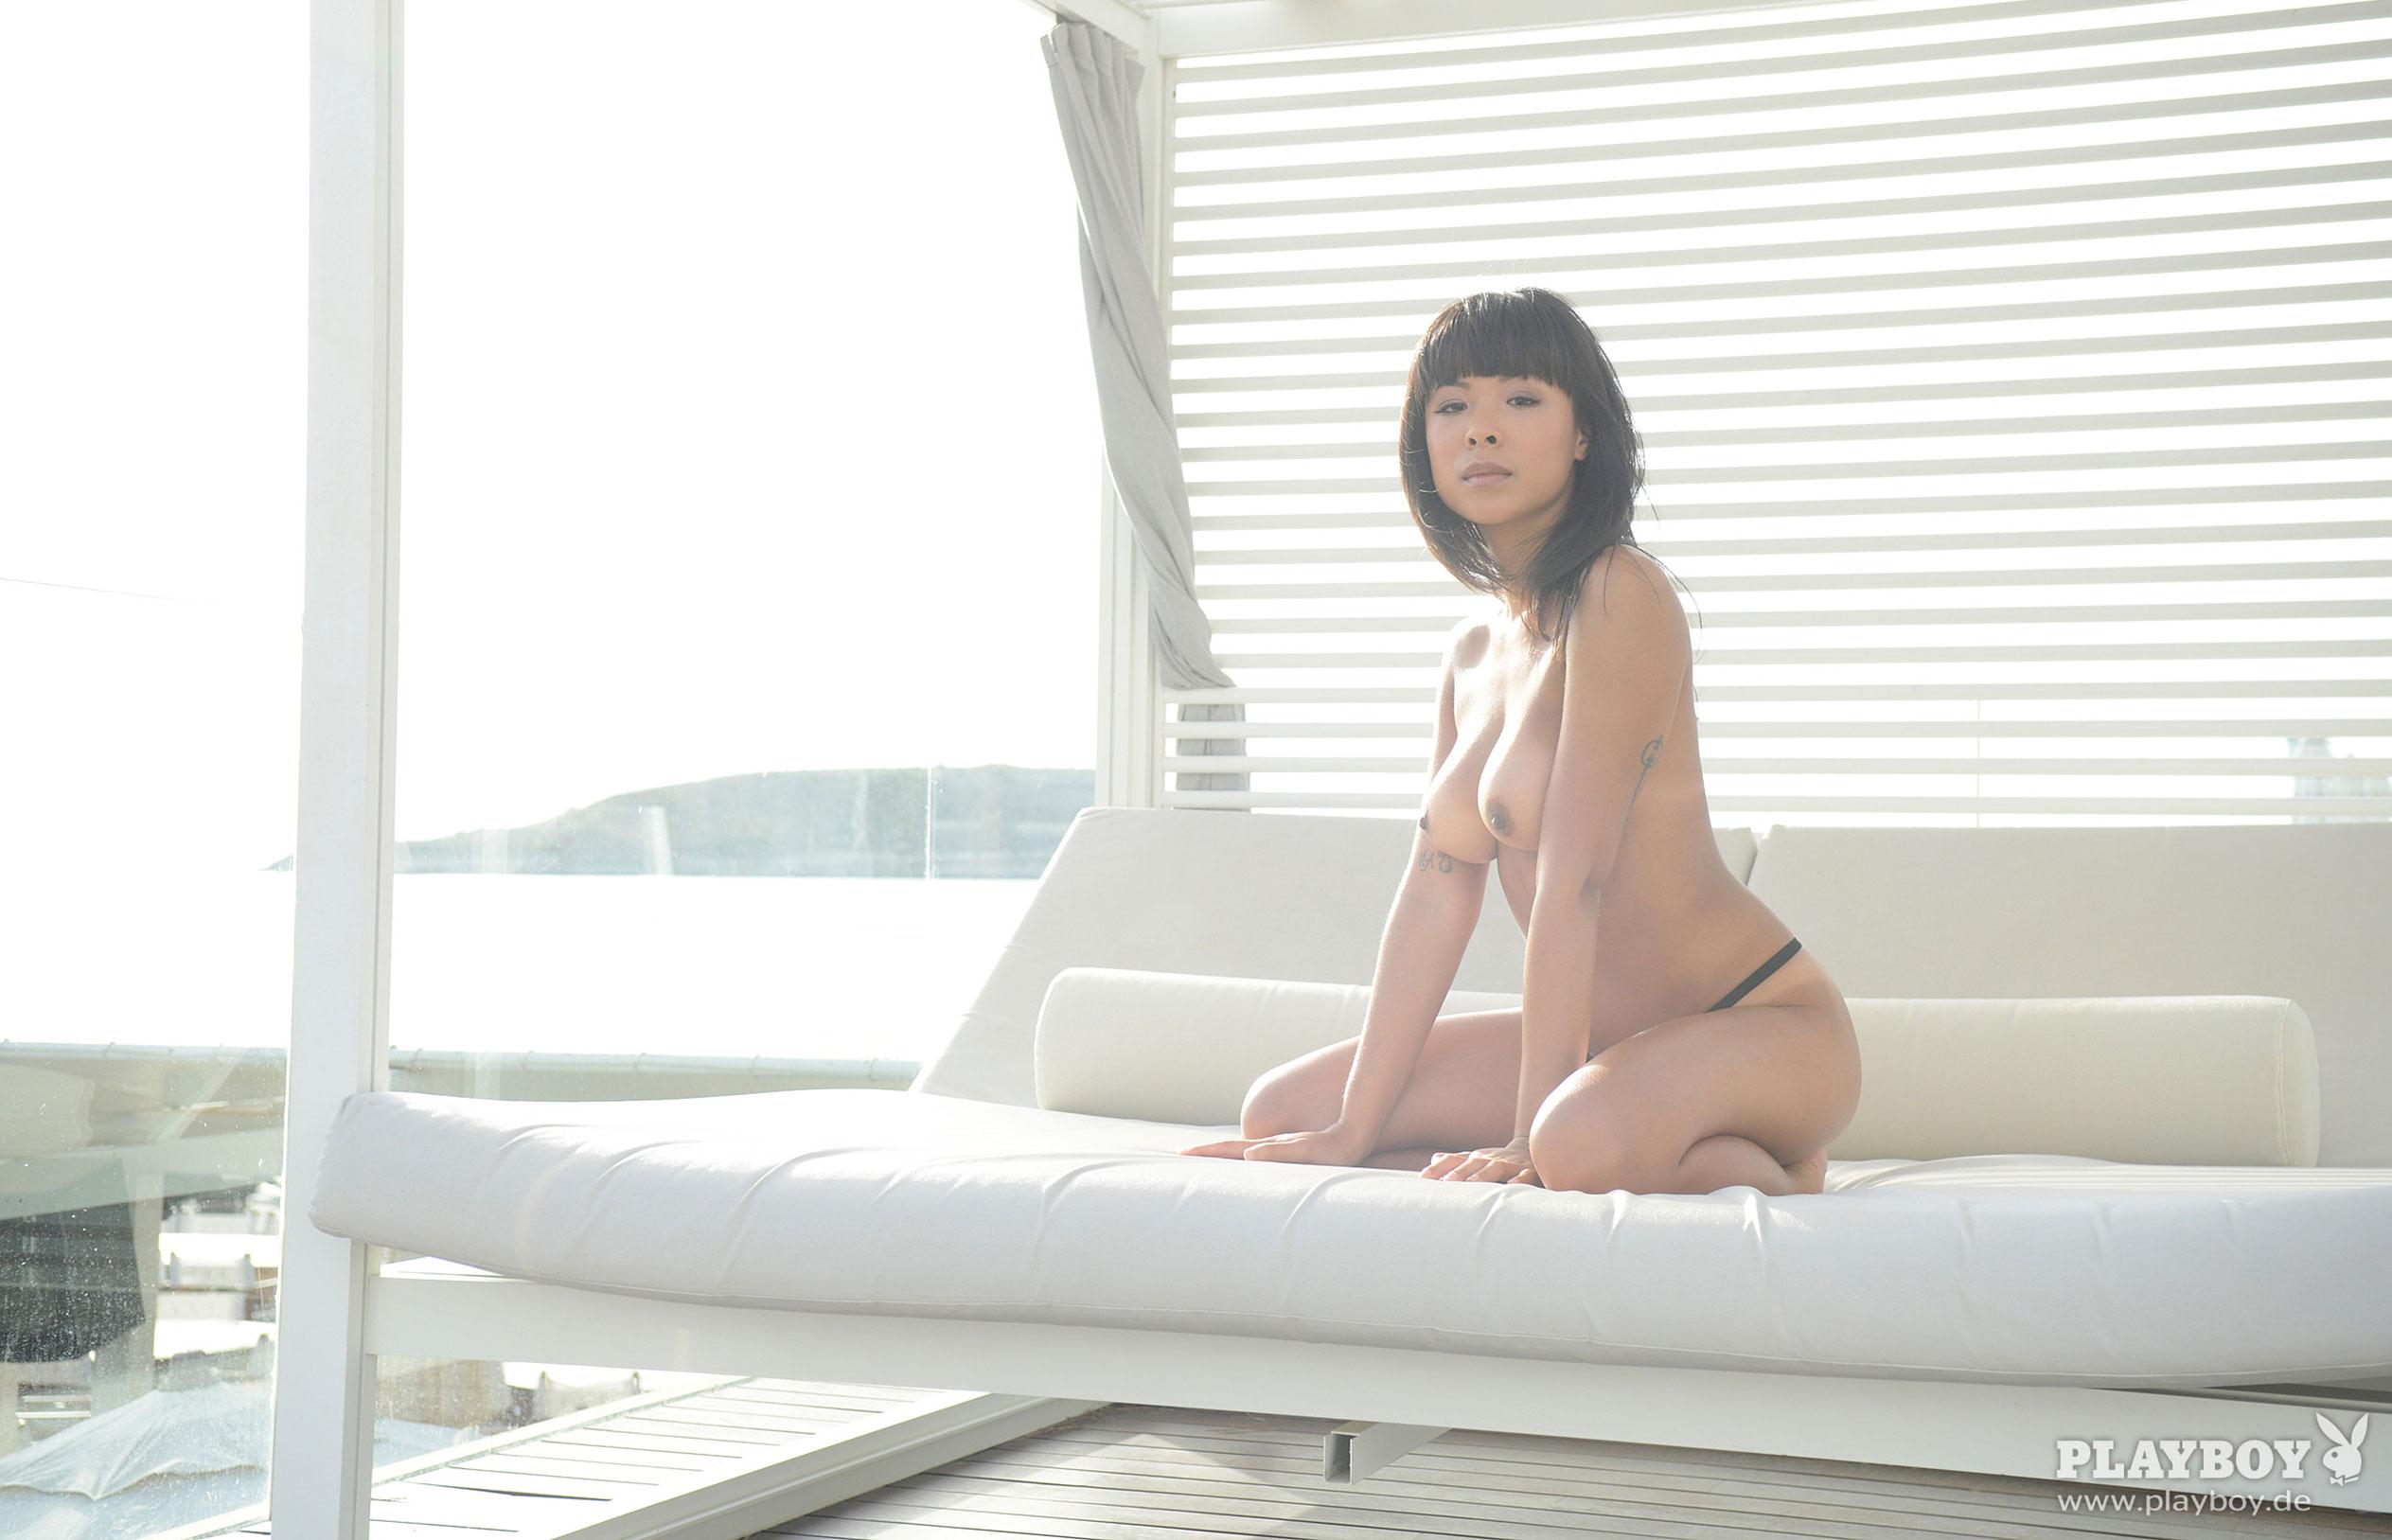 Тхан Нхан - Девушка месяца в Playboy Германия, март 2018 / фото 07